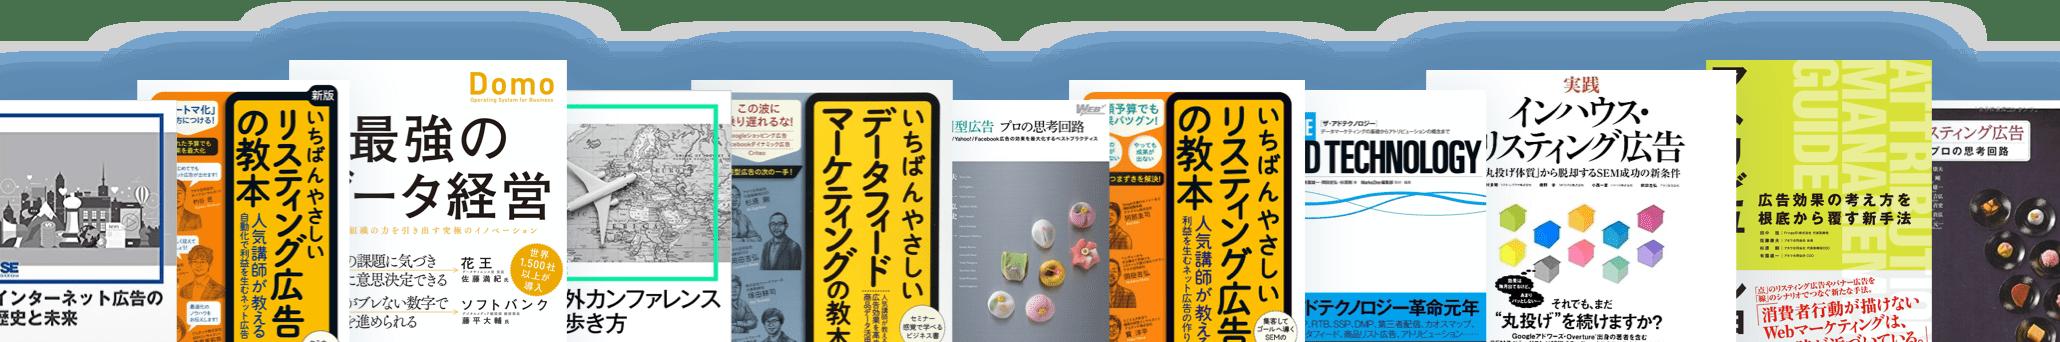 現在のインターネット広告・マーケティングの動向や今後のあり方などを示した書籍です。